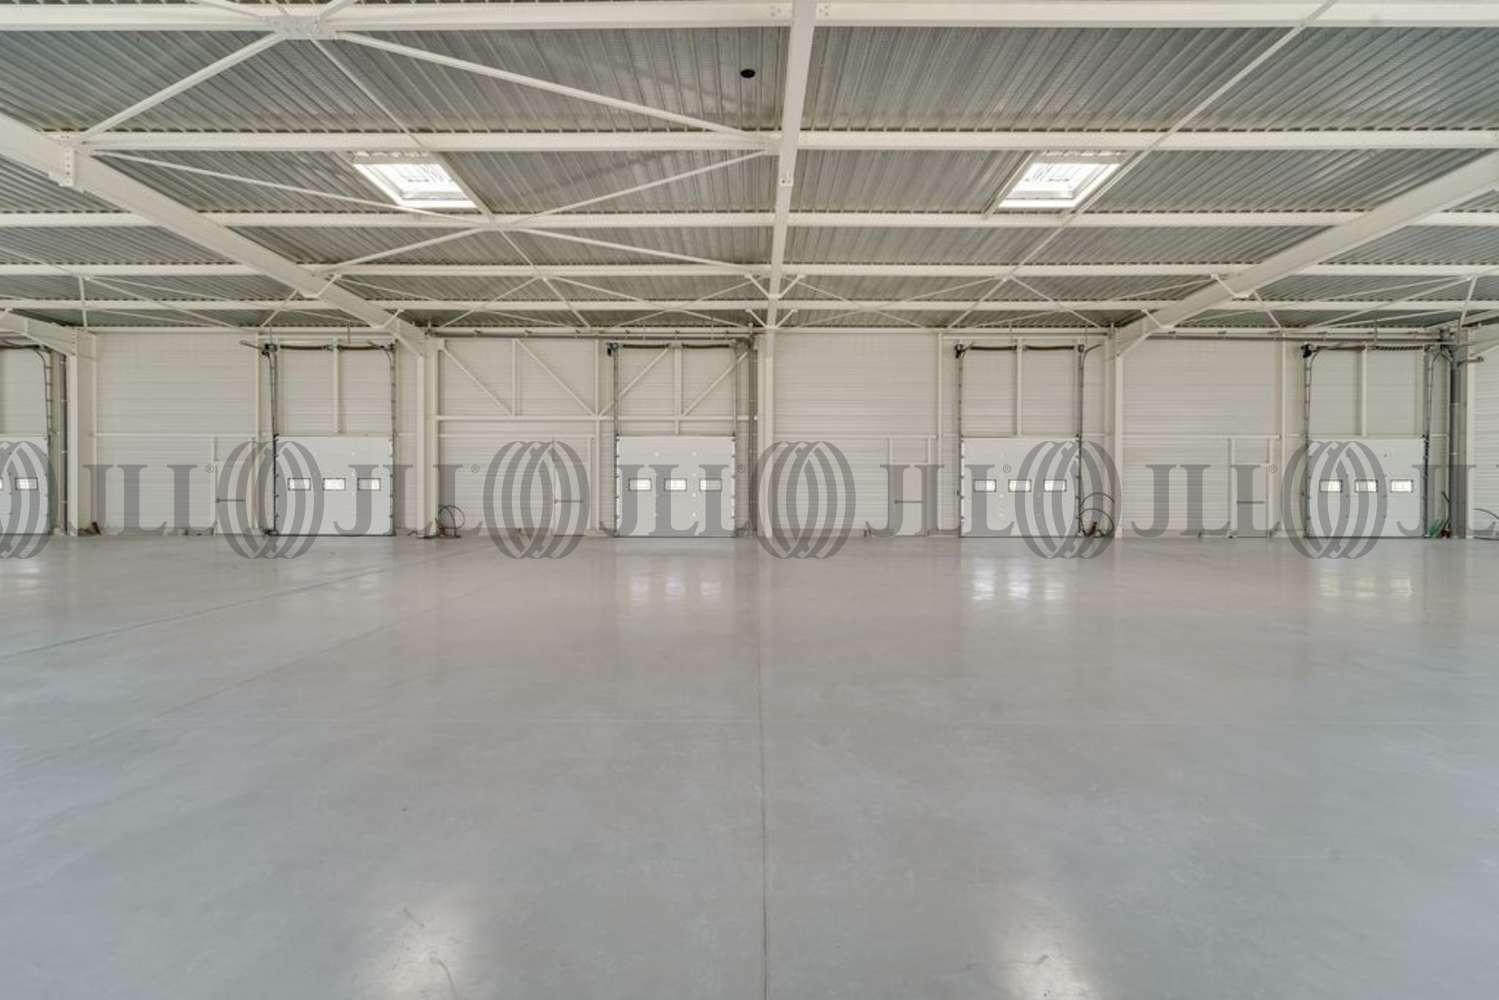 Activités/entrepôt Les ulis, 91940 - VILLAGE DES ARTISANS - 10256364